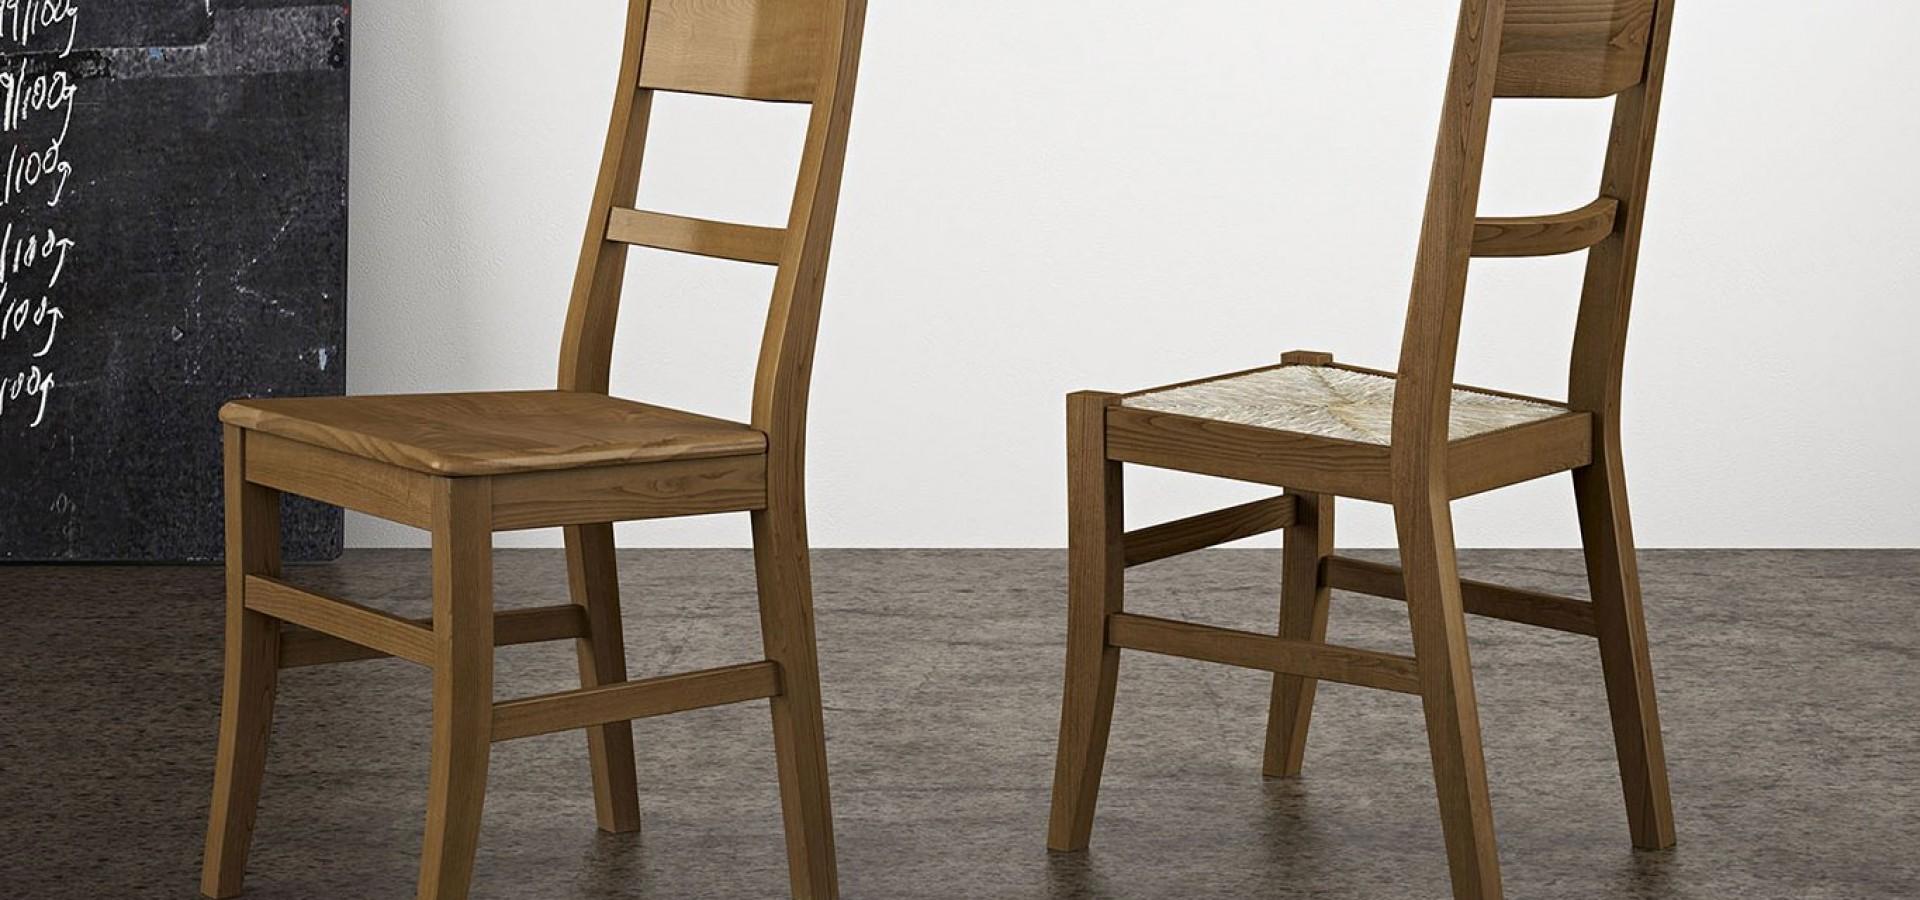 Итальянский стул Стул 300 | Стул Стул 300 ARREDO3